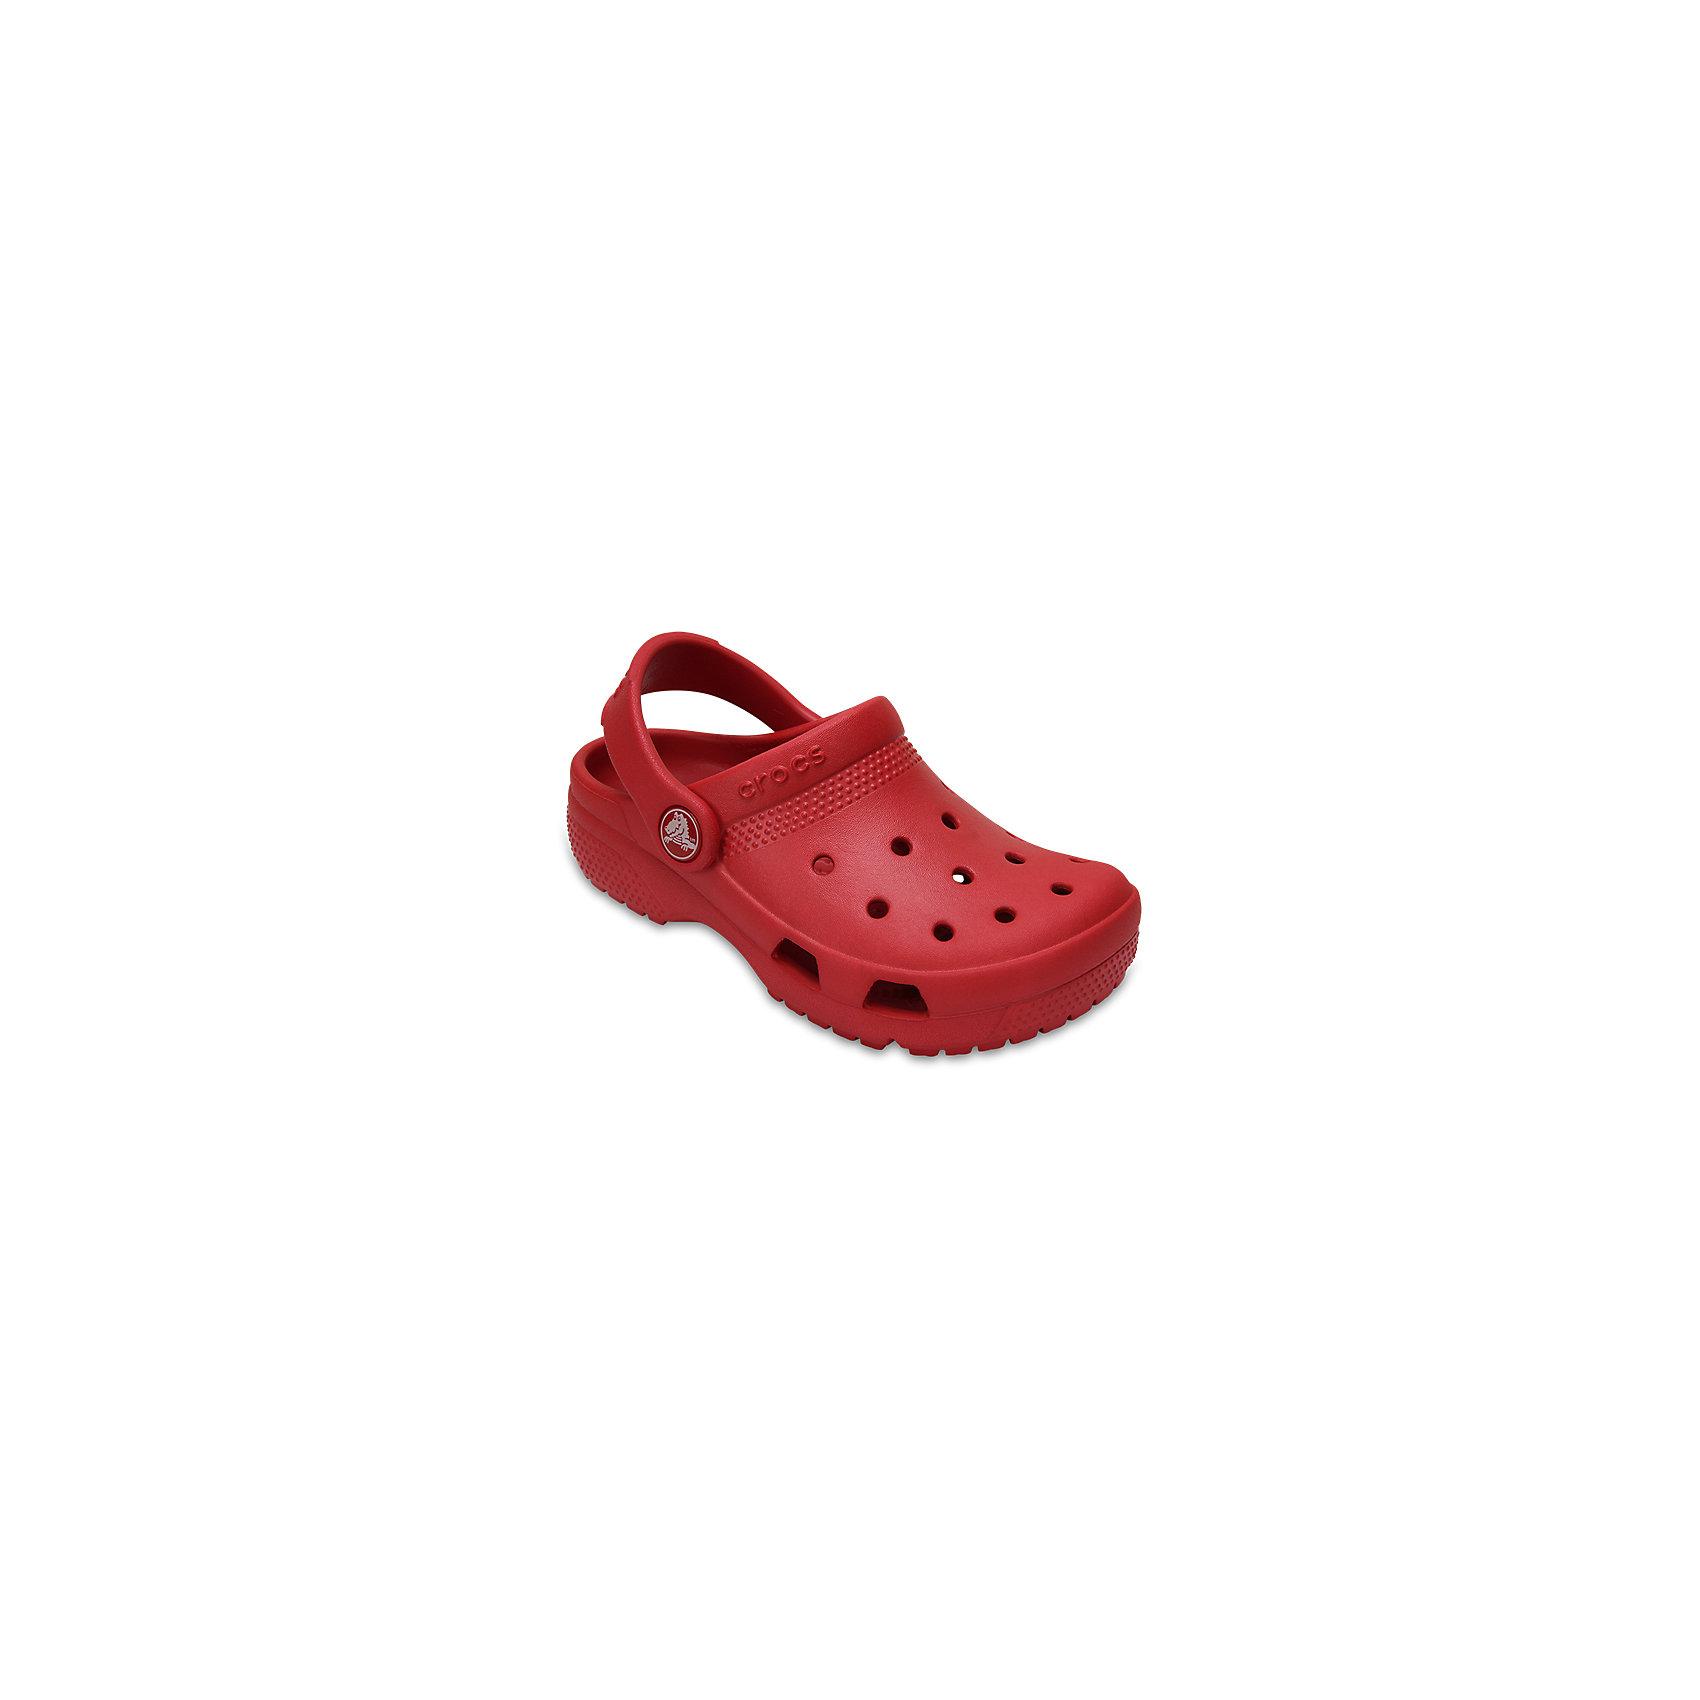 Сабо  CROCSПляжная обувь<br>Характеристики товара:<br><br>• цвет: красный<br>• материал: 100% полимер Croslite™<br>• под воздействием температуры тела принимают форму стопы<br>• полностью литая модель<br>• вентиляционные отверстия<br>• бактериостатичный материал<br>• пяточный ремешок фиксирует стопу<br>• толстая устойчивая подошва<br>• отверстия для использования украшений<br>• анатомическая стелька с массажными точками стимулирует кровообращение<br>• страна бренда: США<br>• страна изготовитель: Китай<br><br>Для правильного развития ребенка крайне важно, чтобы обувь была удобной. Такие сабо обеспечивают детям необходимый комфорт, а анатомическая стелька с массажными линиями для стимуляции кровообращения позволяет ножкам дольше не уставать. Сабо легко надеваются и снимаются, отлично сидят на ноге. Материал, из которого они сделаны, не дает размножаться бактериям, поэтому такая обувь препятствует образованию неприятного запаха и появлению болезней стоп.<br>Обувь от американского бренда Crocs в данный момент завоевала широкую популярность во всем мире, и это не удивительно - ведь она невероятно удобна. Её носят врачи, спортсмены, звёзды шоу-бизнеса, люди, которым много времени приходится бывать на ногах - они понимают, как важна комфортная обувь. Продукция Crocs - это качественные товары, созданные с применением новейших технологий. Обувь отличается стильным дизайном и продуманной конструкцией. Изделие производится из качественных и проверенных материалов, которые безопасны для детей.<br><br>Сабо от торговой марки Crocs можно купить в нашем интернет-магазине.<br><br>Ширина мм: 225<br>Глубина мм: 139<br>Высота мм: 112<br>Вес г: 290<br>Цвет: красный<br>Возраст от месяцев: 132<br>Возраст до месяцев: 144<br>Пол: Унисекс<br>Возраст: Детский<br>Размер: 28,29,30,23,24,25,26,31/32,33/34,34/35,27<br>SKU: 5416784